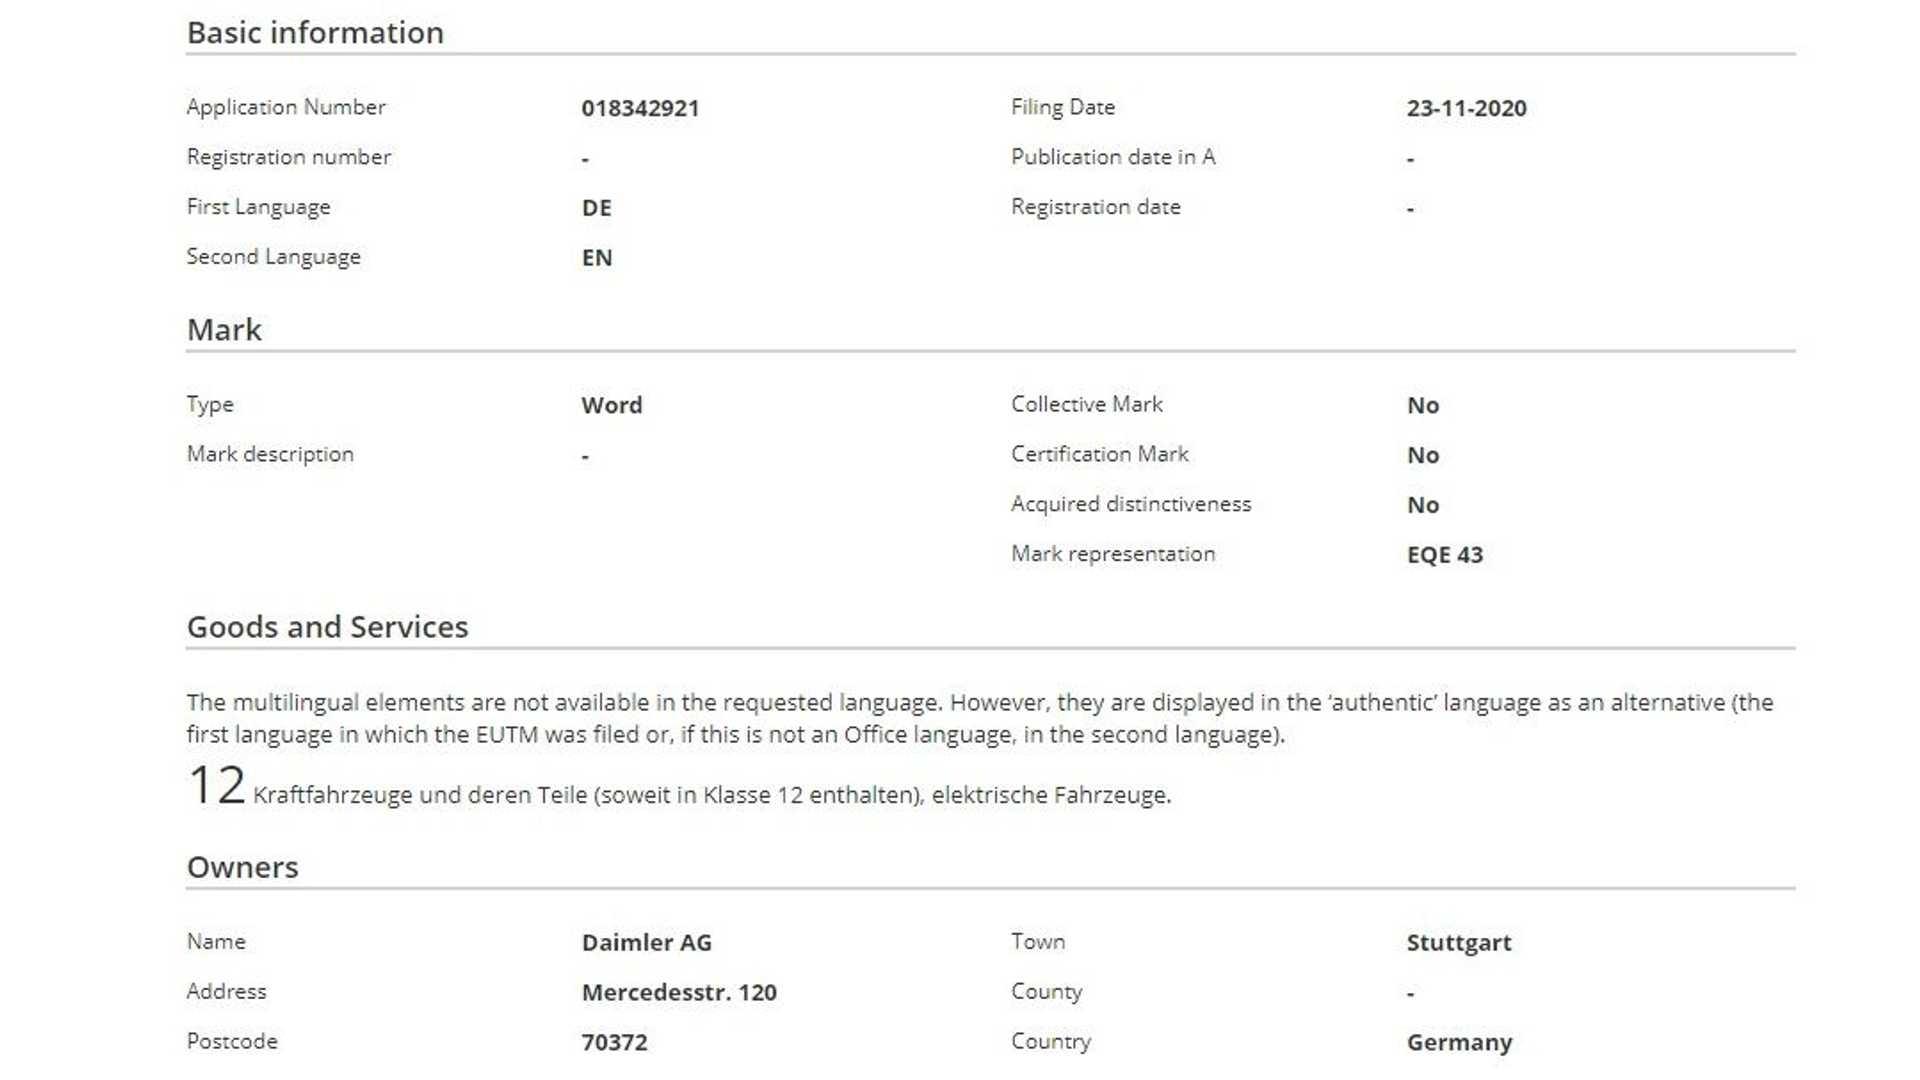 Mercedes-AMG EQE 43, EQE 53 ed EQE 63 trademark